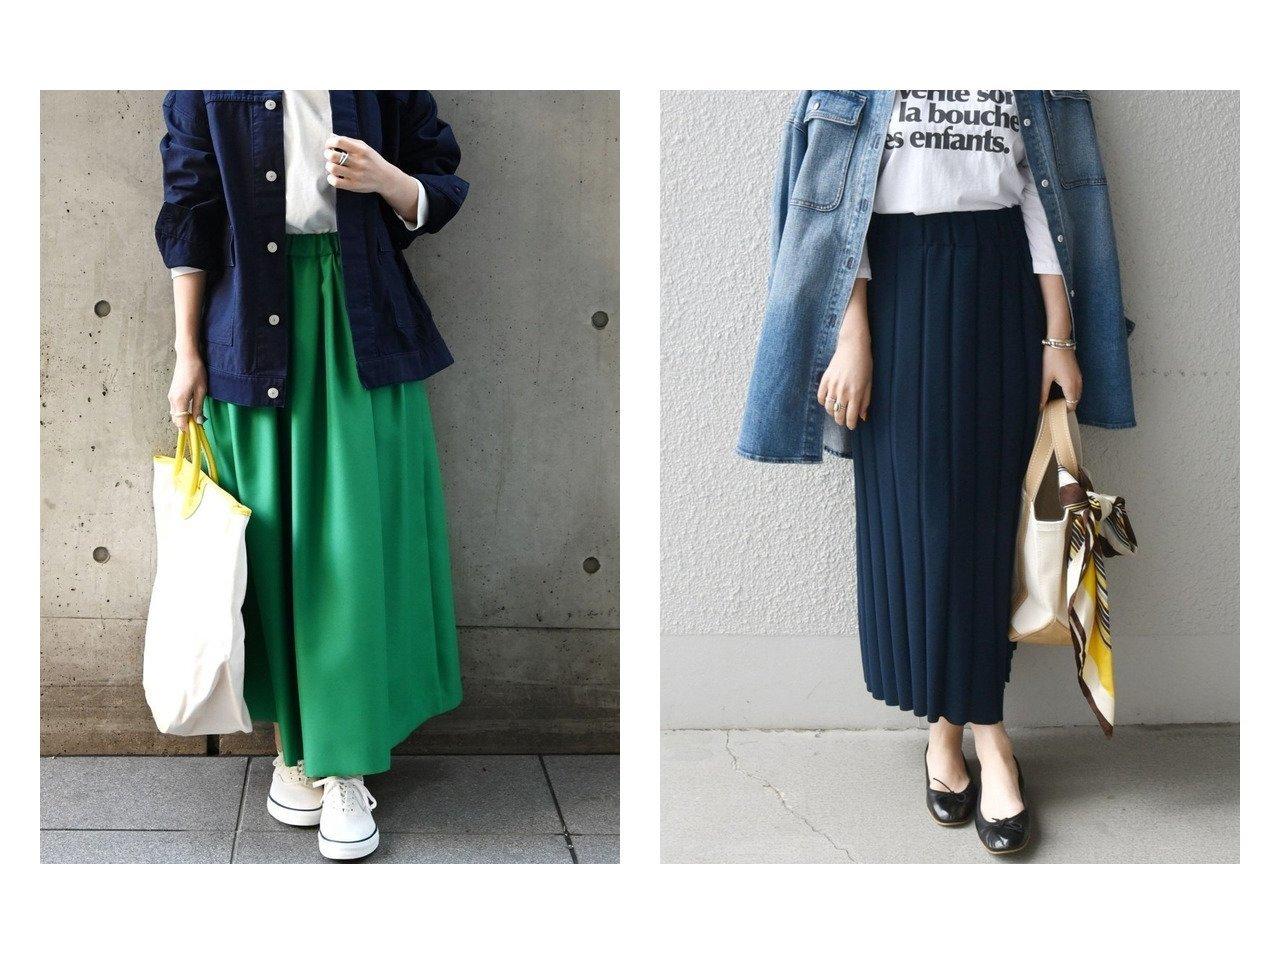 【SHIPS any/シップス エニィ】のSHIPS any ランダムタック シンプル フレアスカート&SHIPS any セミマーメイド ワイドリブニット スカート スカートのおすすめ!人気、トレンド・レディースファッションの通販 おすすめで人気の流行・トレンド、ファッションの通販商品 メンズファッション・キッズファッション・インテリア・家具・レディースファッション・服の通販 founy(ファニー) https://founy.com/ ファッション Fashion レディースファッション WOMEN スカート Skirt ロングスカート Long Skirt Aライン/フレアスカート Flared A-Line Skirts NEW・新作・新着・新入荷 New Arrivals パーカー ビッグ ポケット マーメイド ロング ワイドリブ 再入荷 Restock/Back in Stock/Re Arrival 春 Spring コンパクト シンプル チェック フレア ベーシック ランダム |ID:crp329100000011748